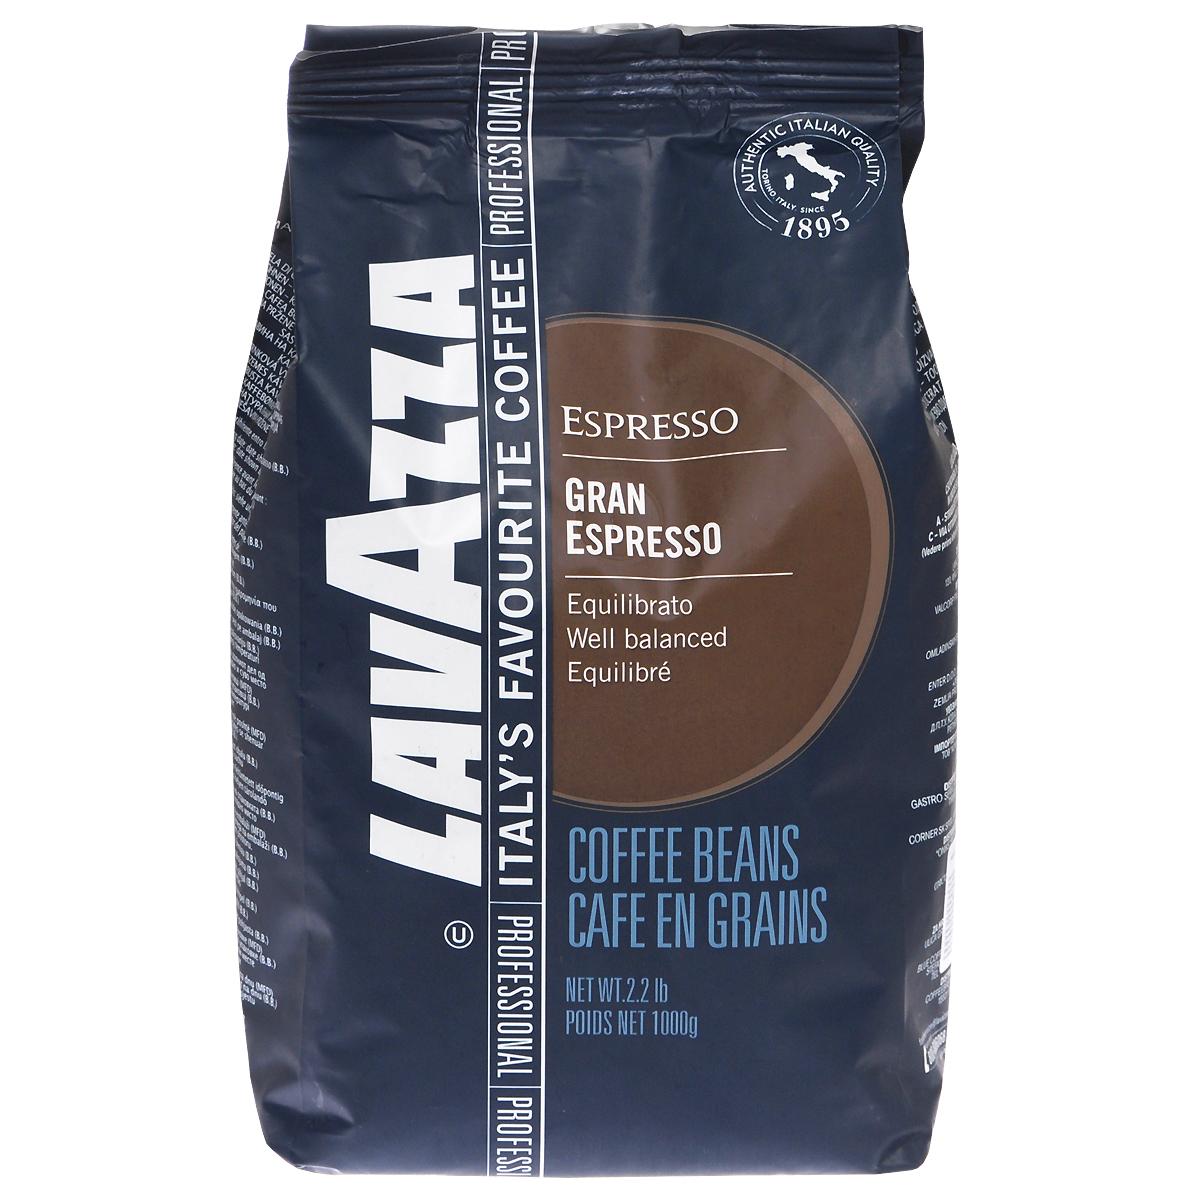 Lavazza Gran Espresso кофе в зернах, 1 кг lavazza crema e aroma espresso кофе в зернах 1 кг